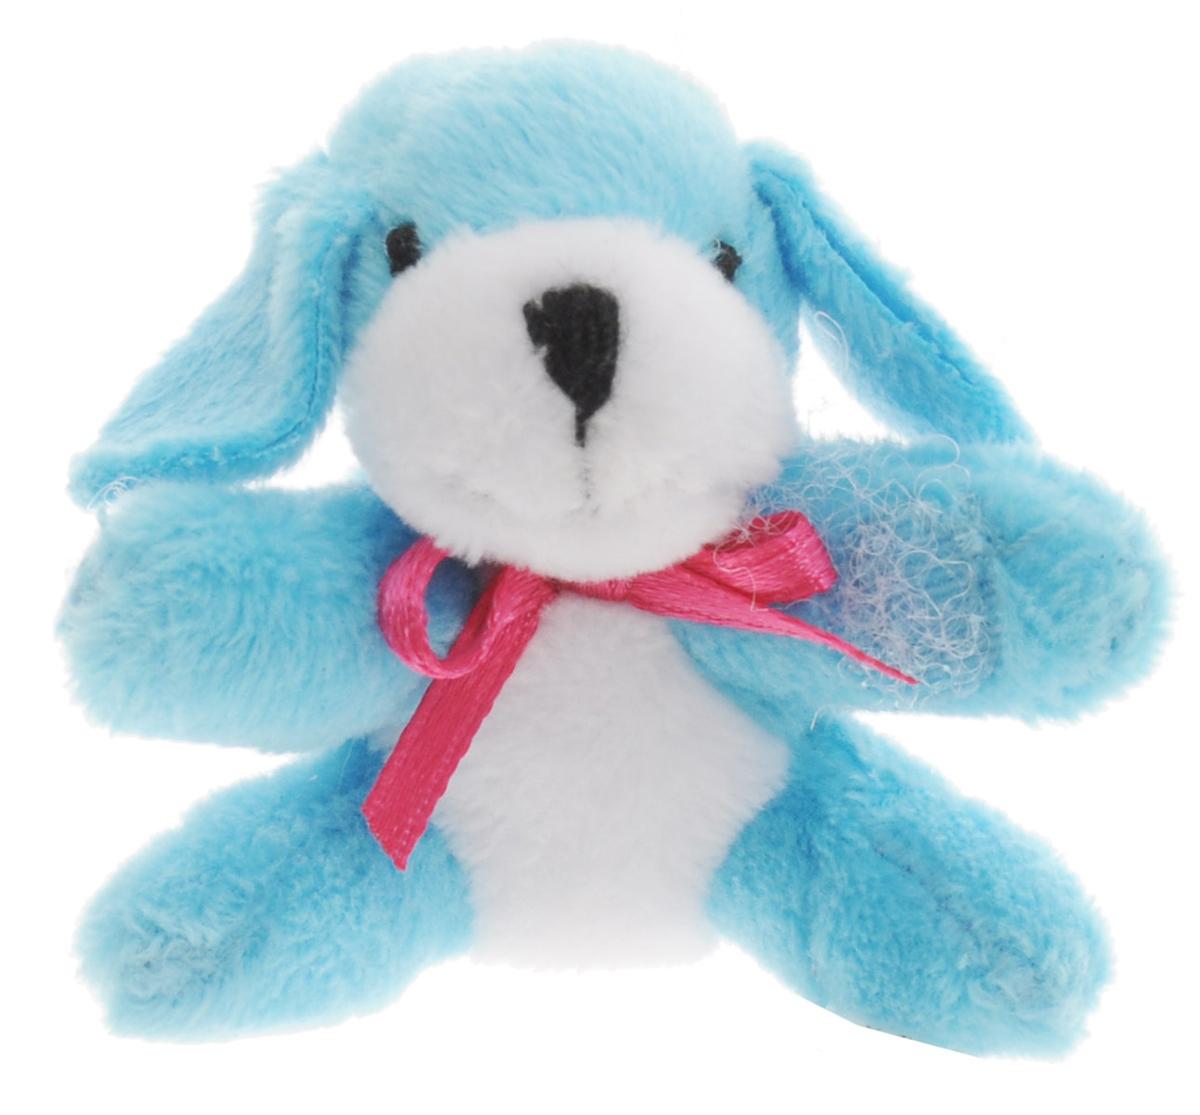 Beanzees Мягкая игрушка Собачка Fluffy 5 смB31001_11_голубой, собачкаСимпатичная миниатюрная мягкая игрушка Beanzees Собачка Fluffy - это игрушка три в одном. Ее приятно держать в руках, увлекательно коллекционировать, а также эти игрушки можно соединять между собой с помощью липучек и носить как оригинальное украшение на шею или на руку. По легенде эти крошечные животные обитают все вместе в волшебном лесу под названием Бинзилэнд, в котором всегда ярко светит солнышко и цветут цветы. Размер игрушки 5 см, она выполнена из мягкого гипоаллергенного материала, набивка - синтетическое волокно, в том числе специальные пластиковые гранулы, делающие эту игрушку замечательным антистрессом. На лапках собачки располагаются маленькие текстильные липучки, с помощью которых игрушку можно соединять с другими.